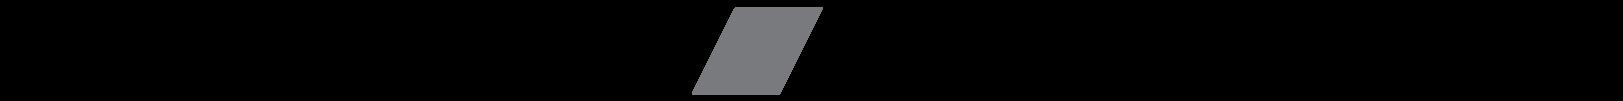 Robins Kaplan logo 2019 RTG 2019